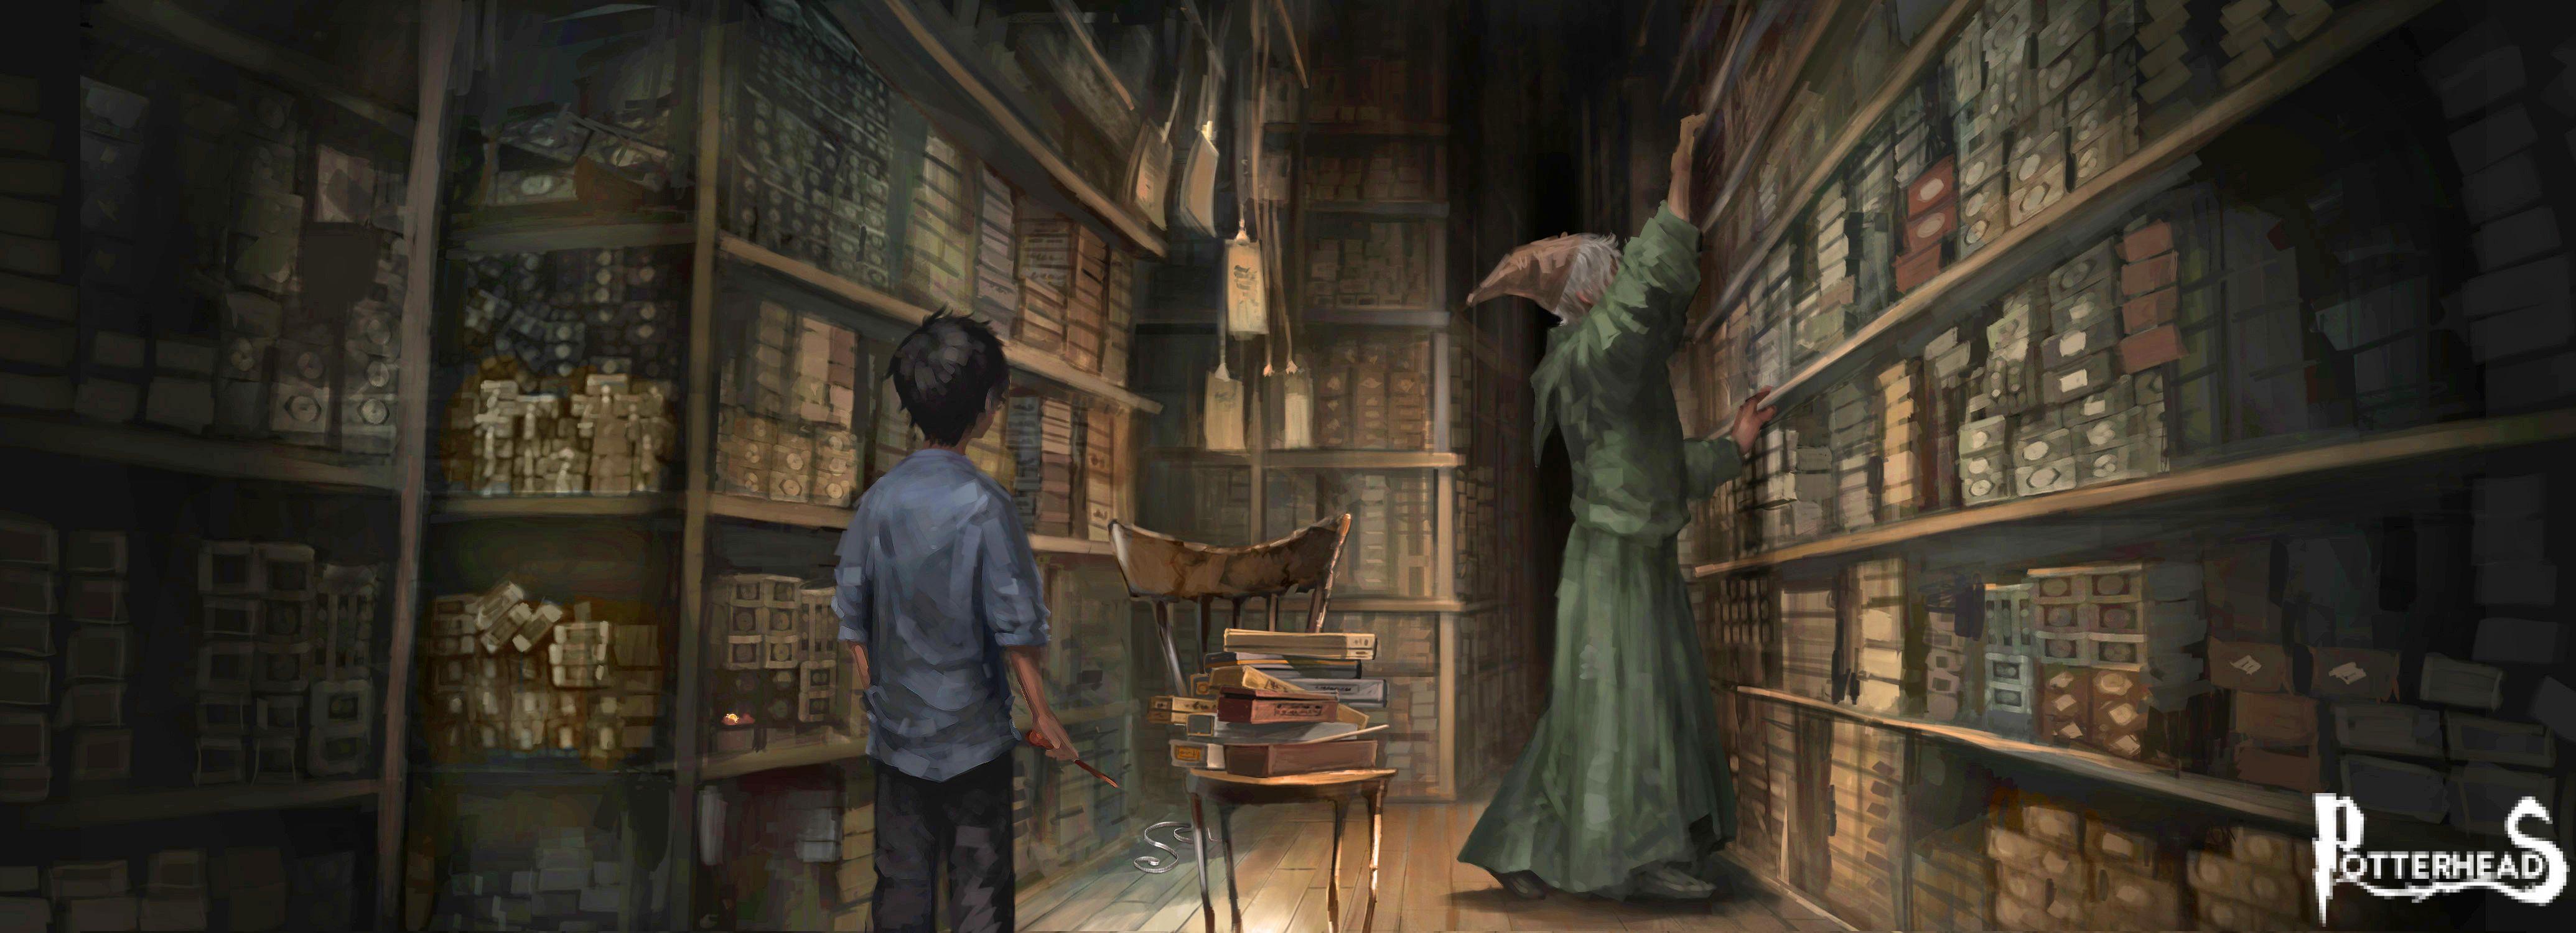 5 cose che abbiamo imparato dal saggio Signor Ollivander Harry Potter - PotterPedia.it